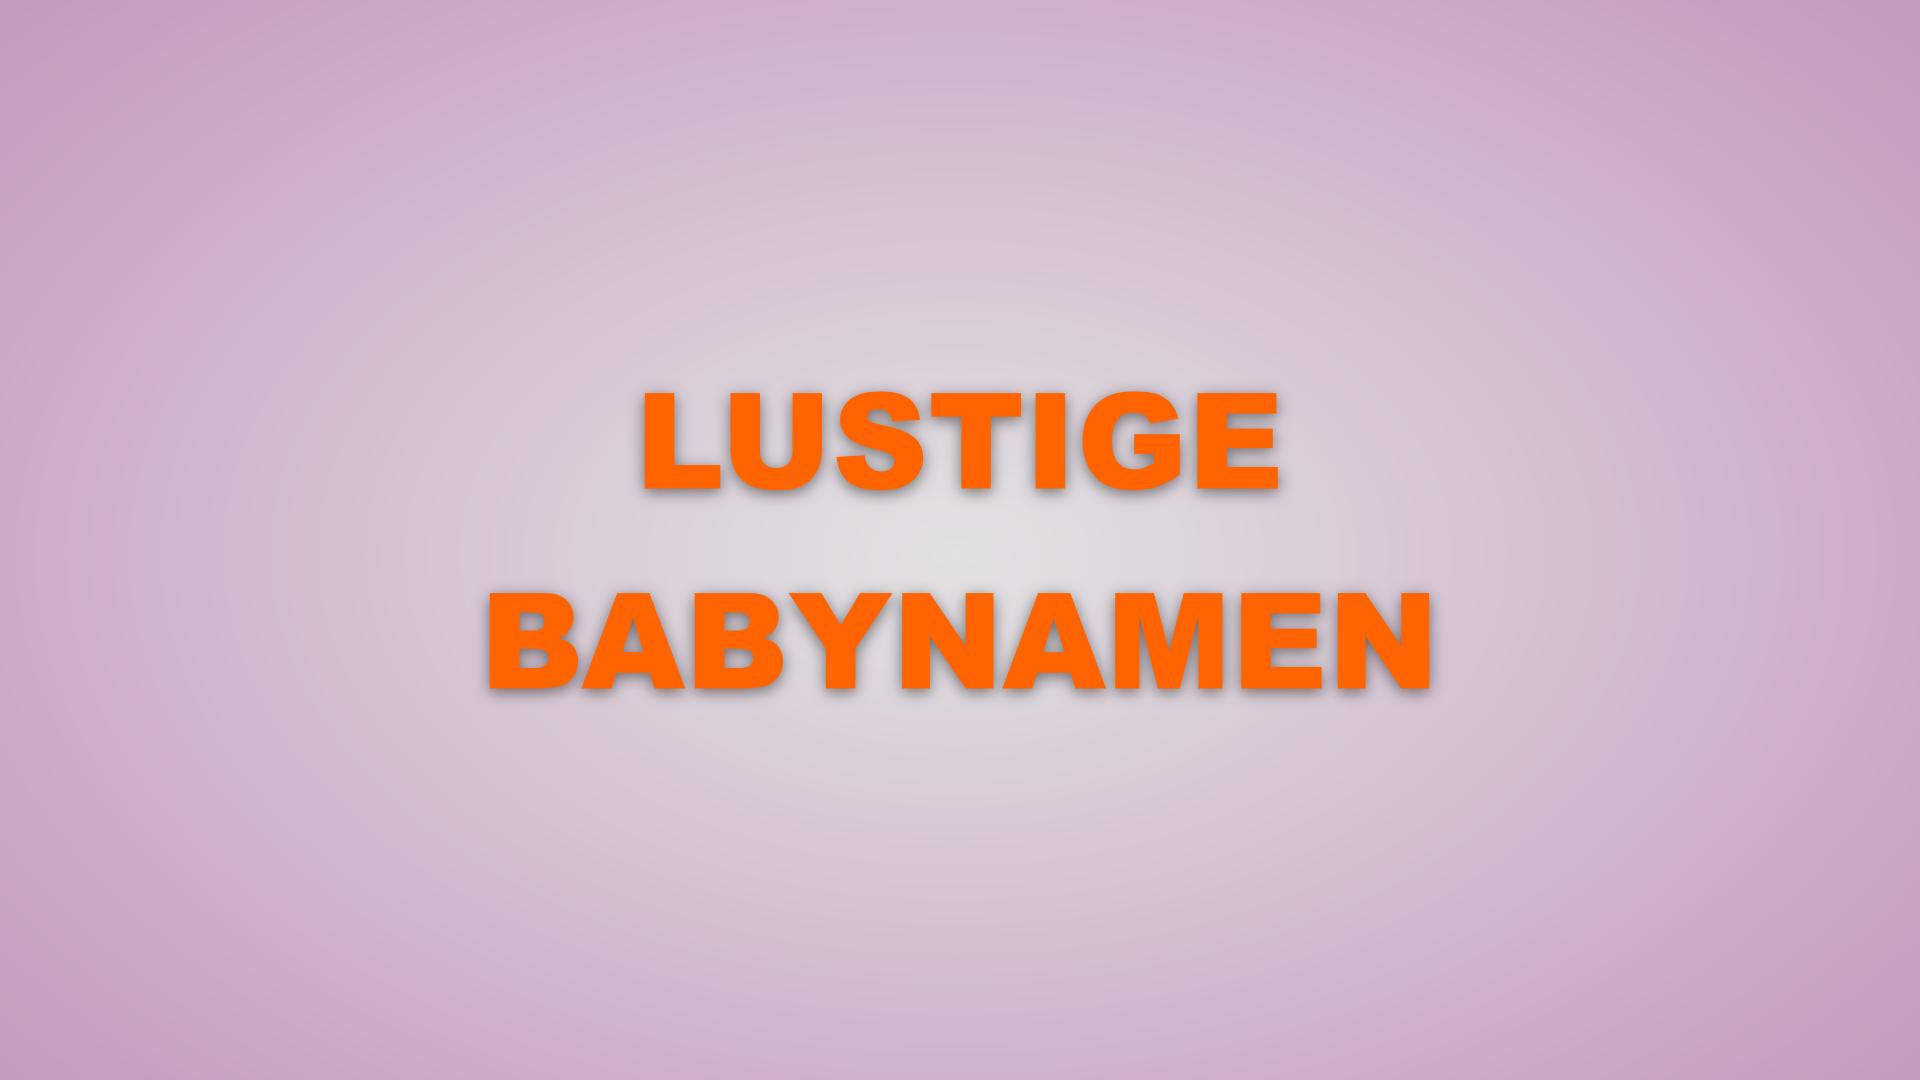 Lustige Babynamen 2020: Die Top 10 der schrägsten Babynamen des Jahres